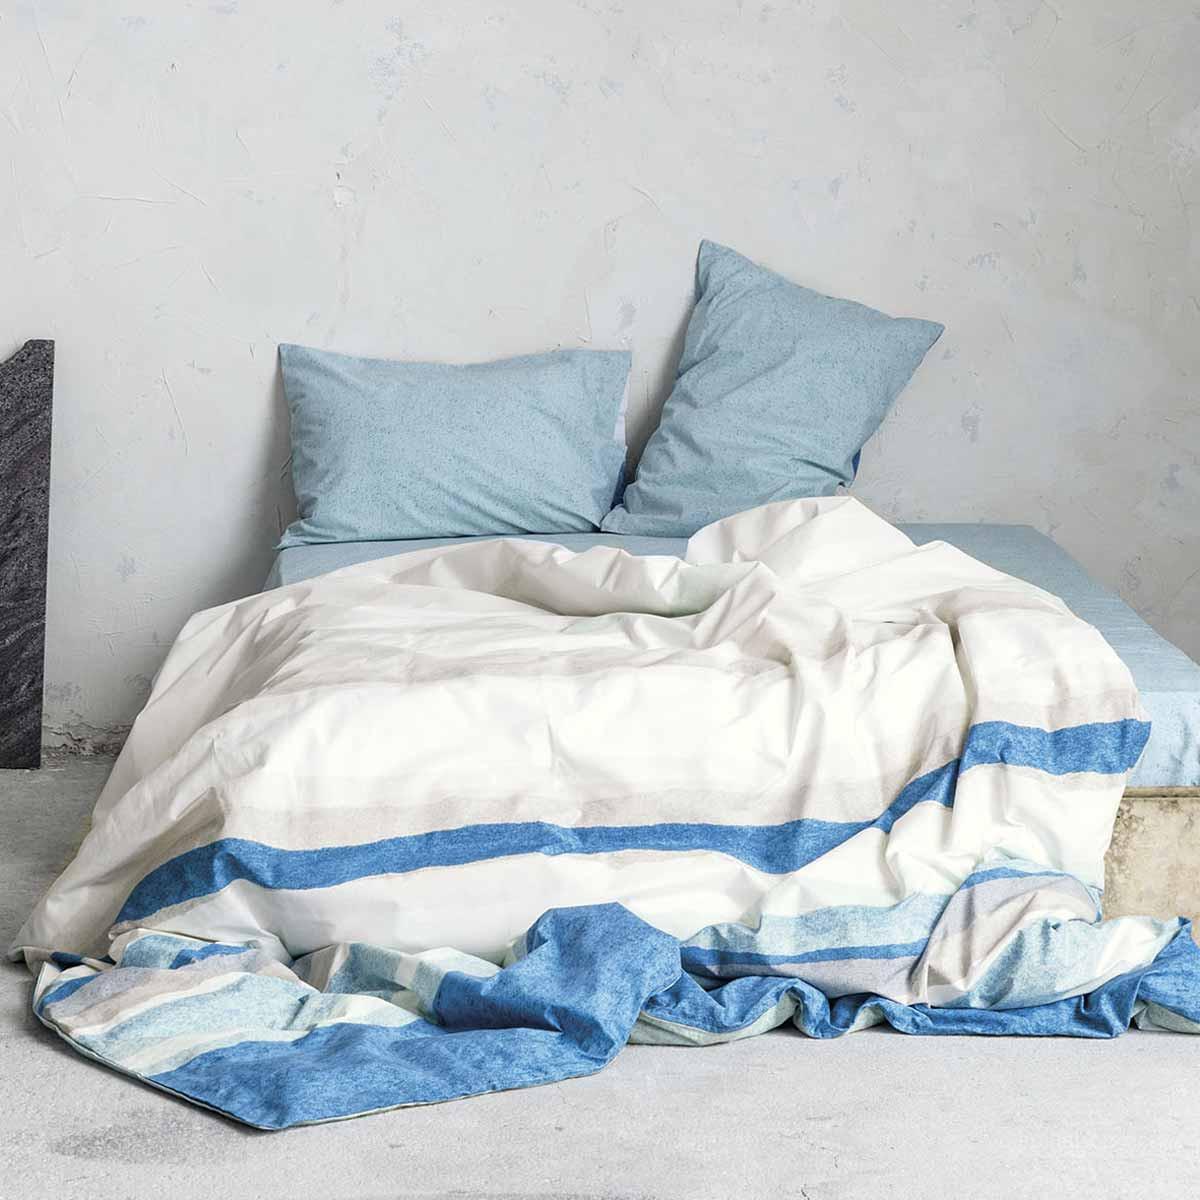 Σεντόνια Υπέρδιπλα (Σετ) Nima Bed Linen Antissamos Mint ΧΩΡΙΣ ΛΑΣΤΙΧΟ ΧΩΡΙΣ ΛΑΣΤΙΧΟ